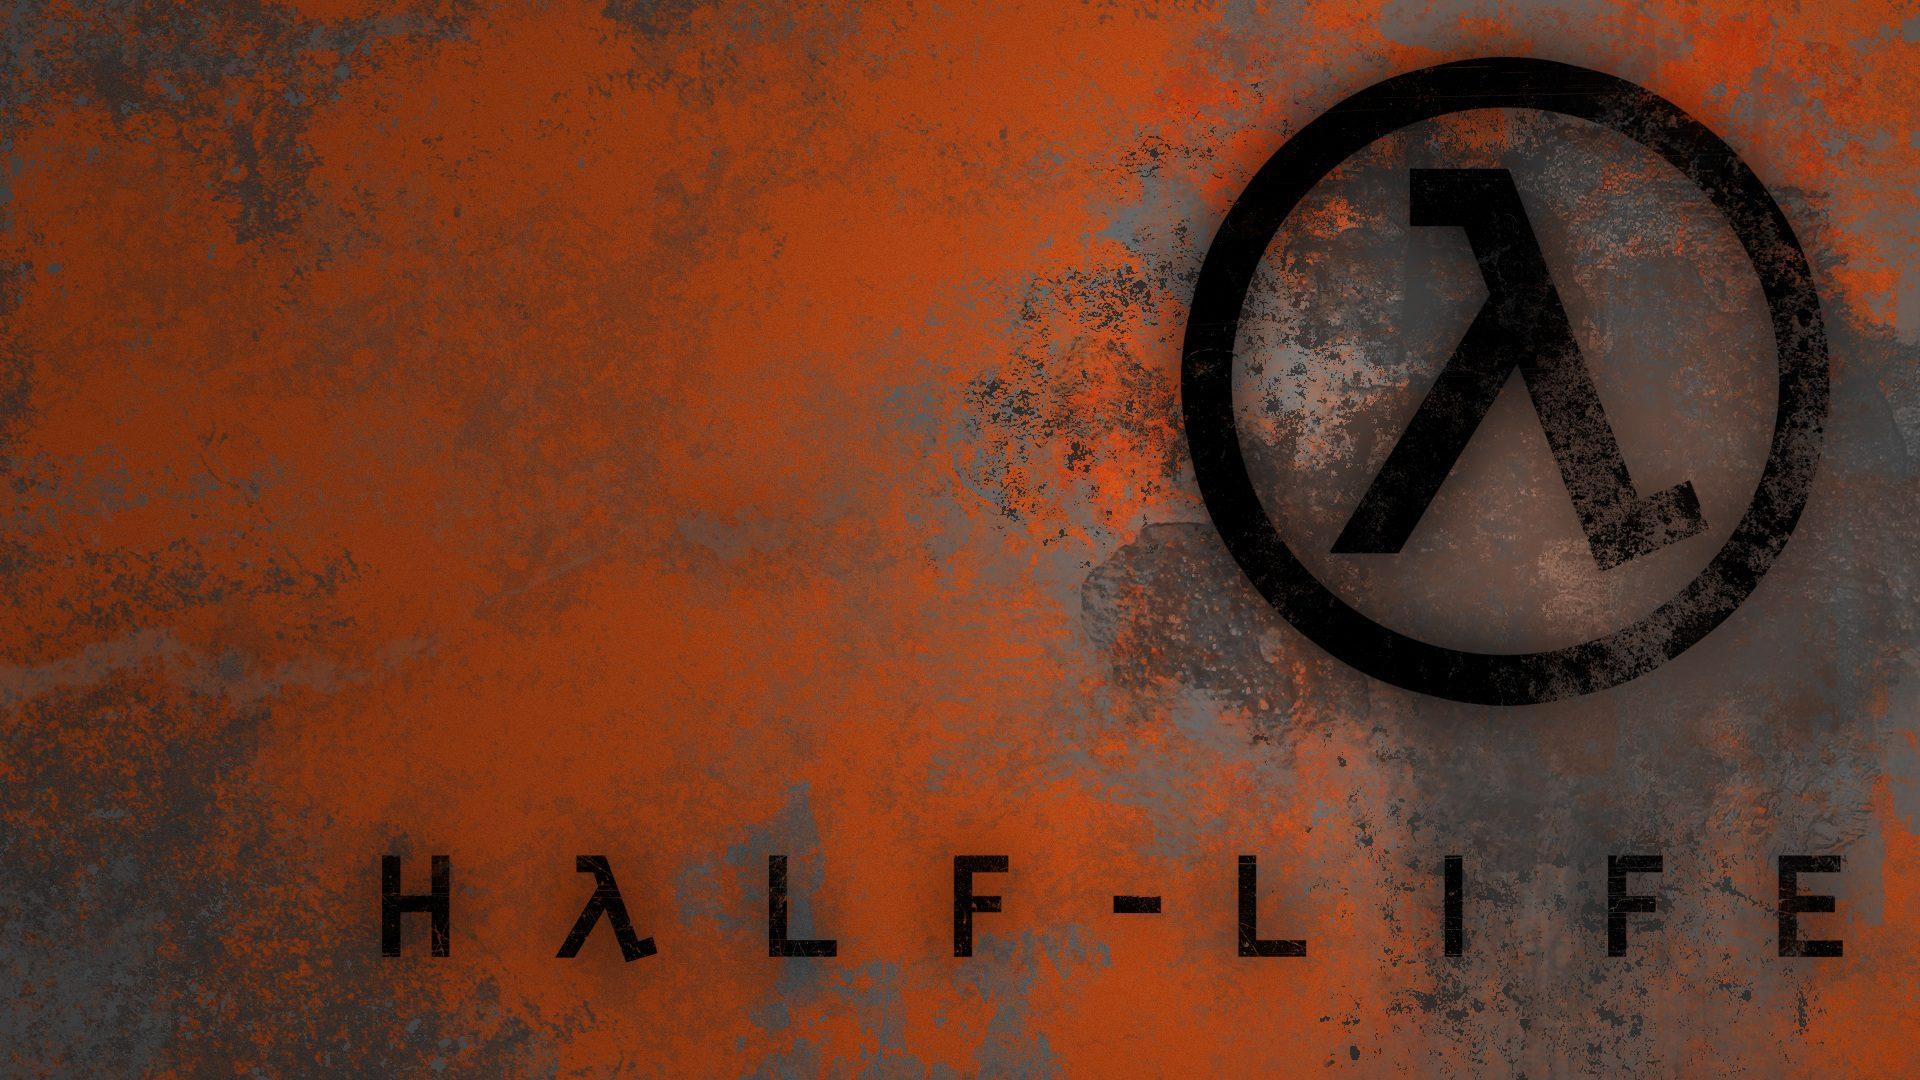 Aqui está o que o clássico Half-Life poderia parecer com tempo real ...